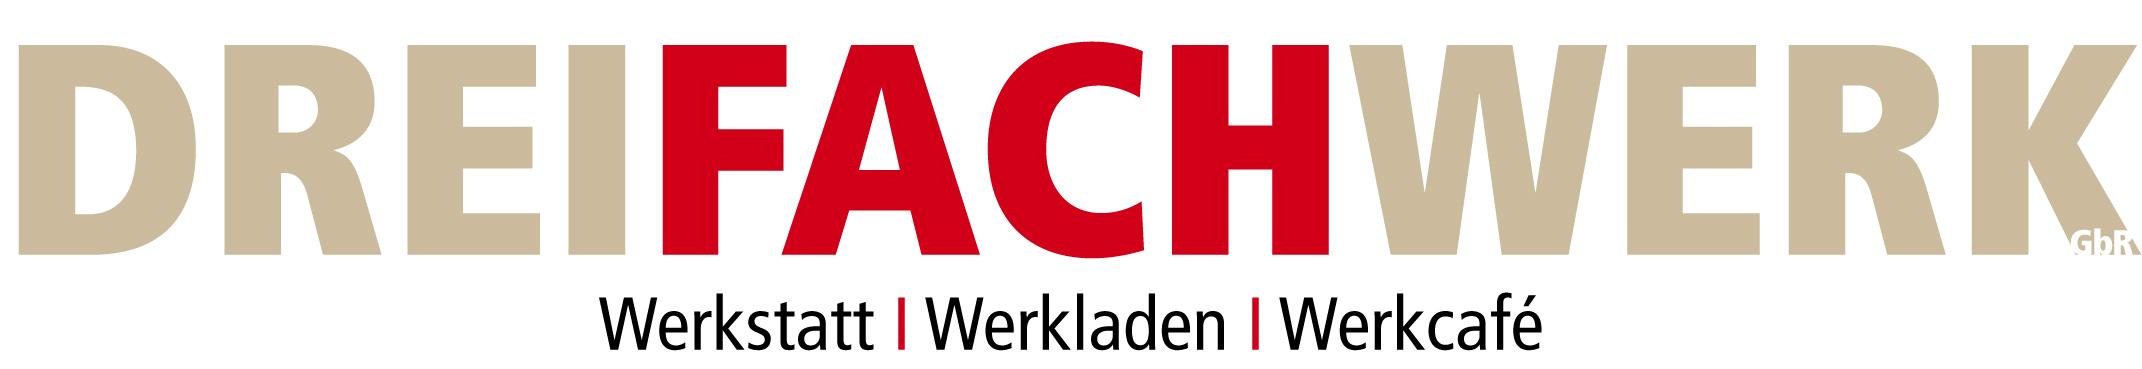 Logo Dreifachwerk